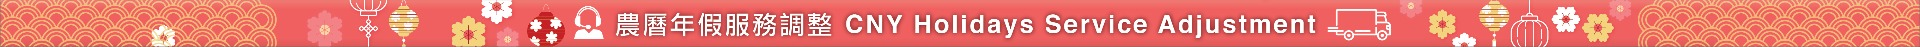 eShop promotion_Top_banner